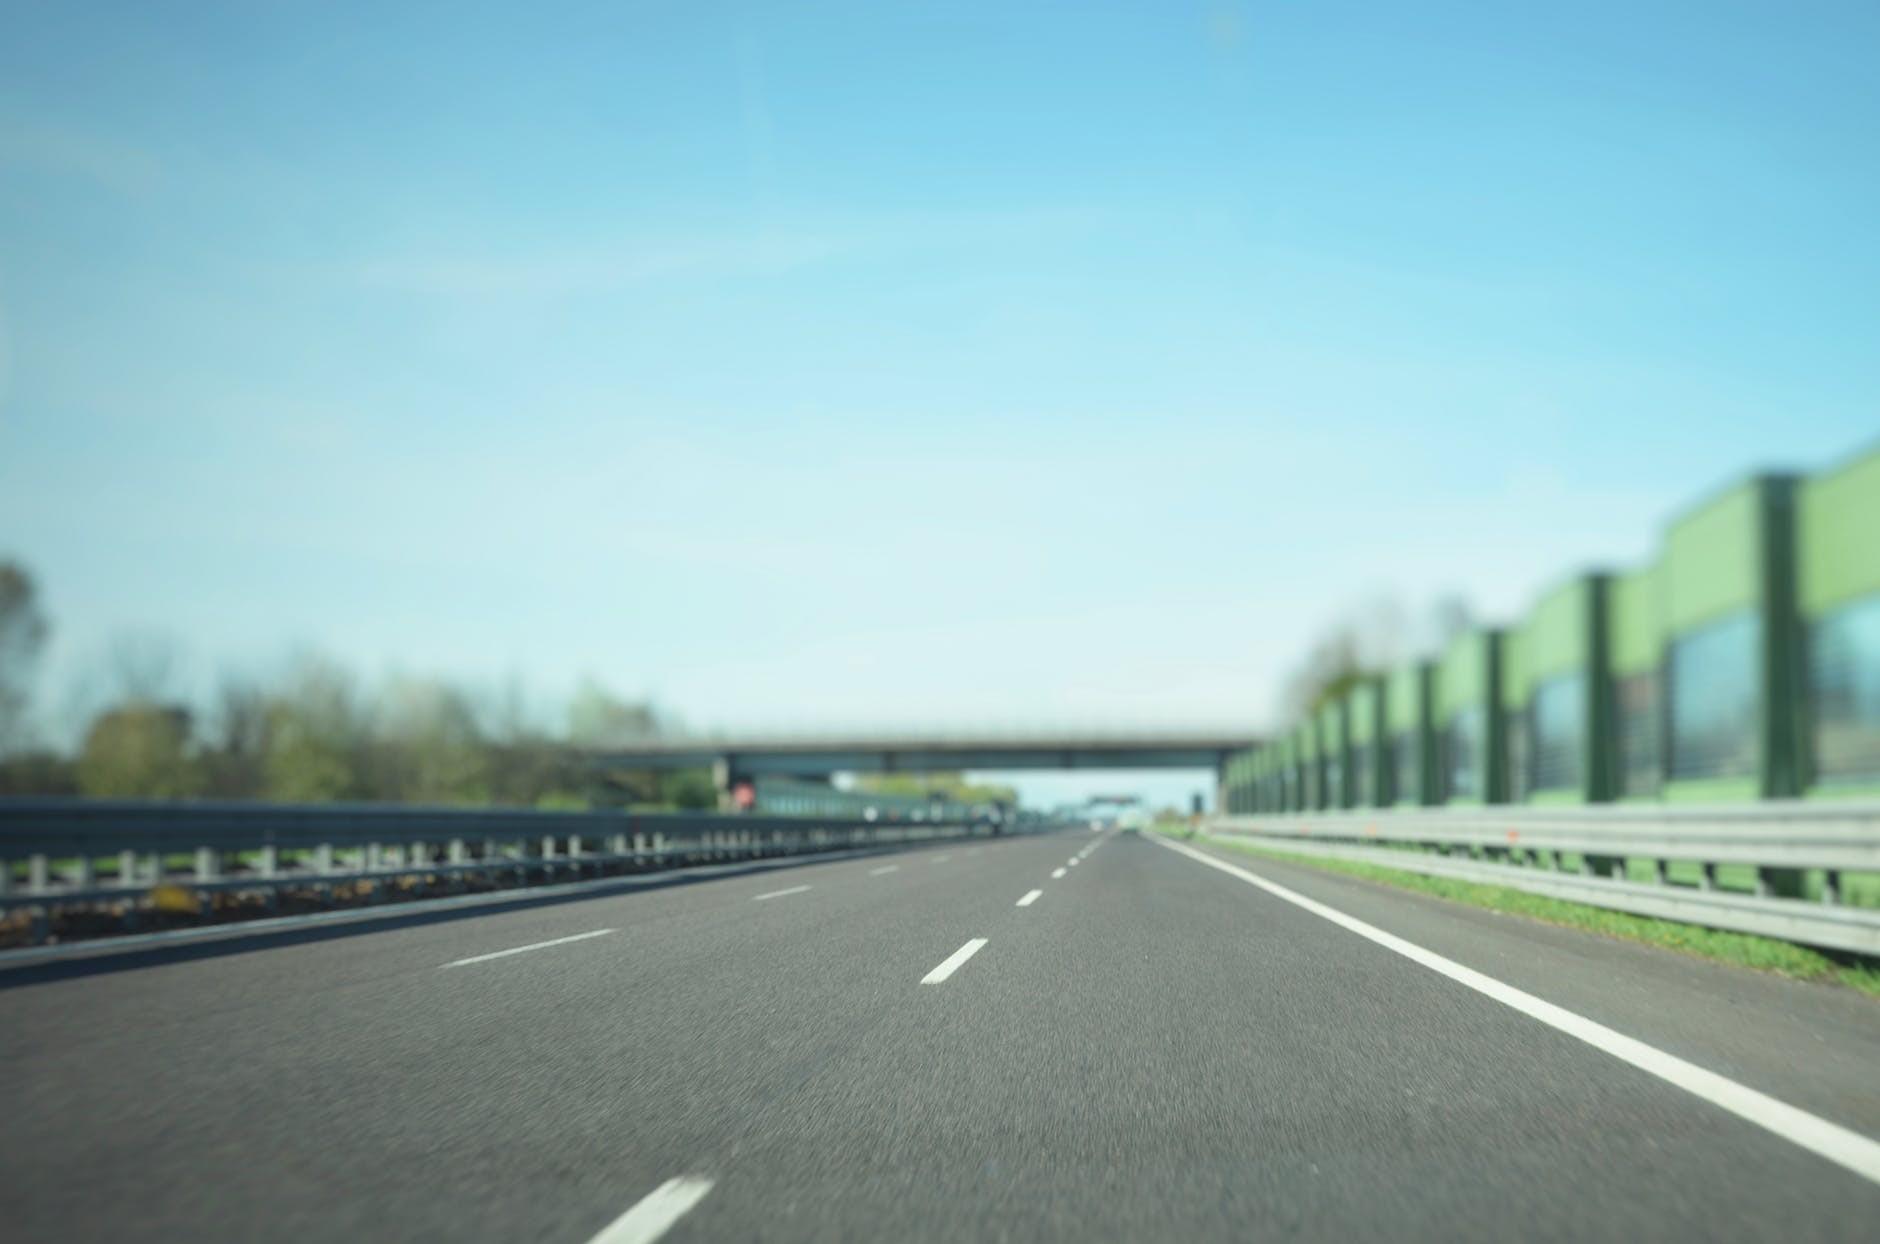 sigurnos na cestama